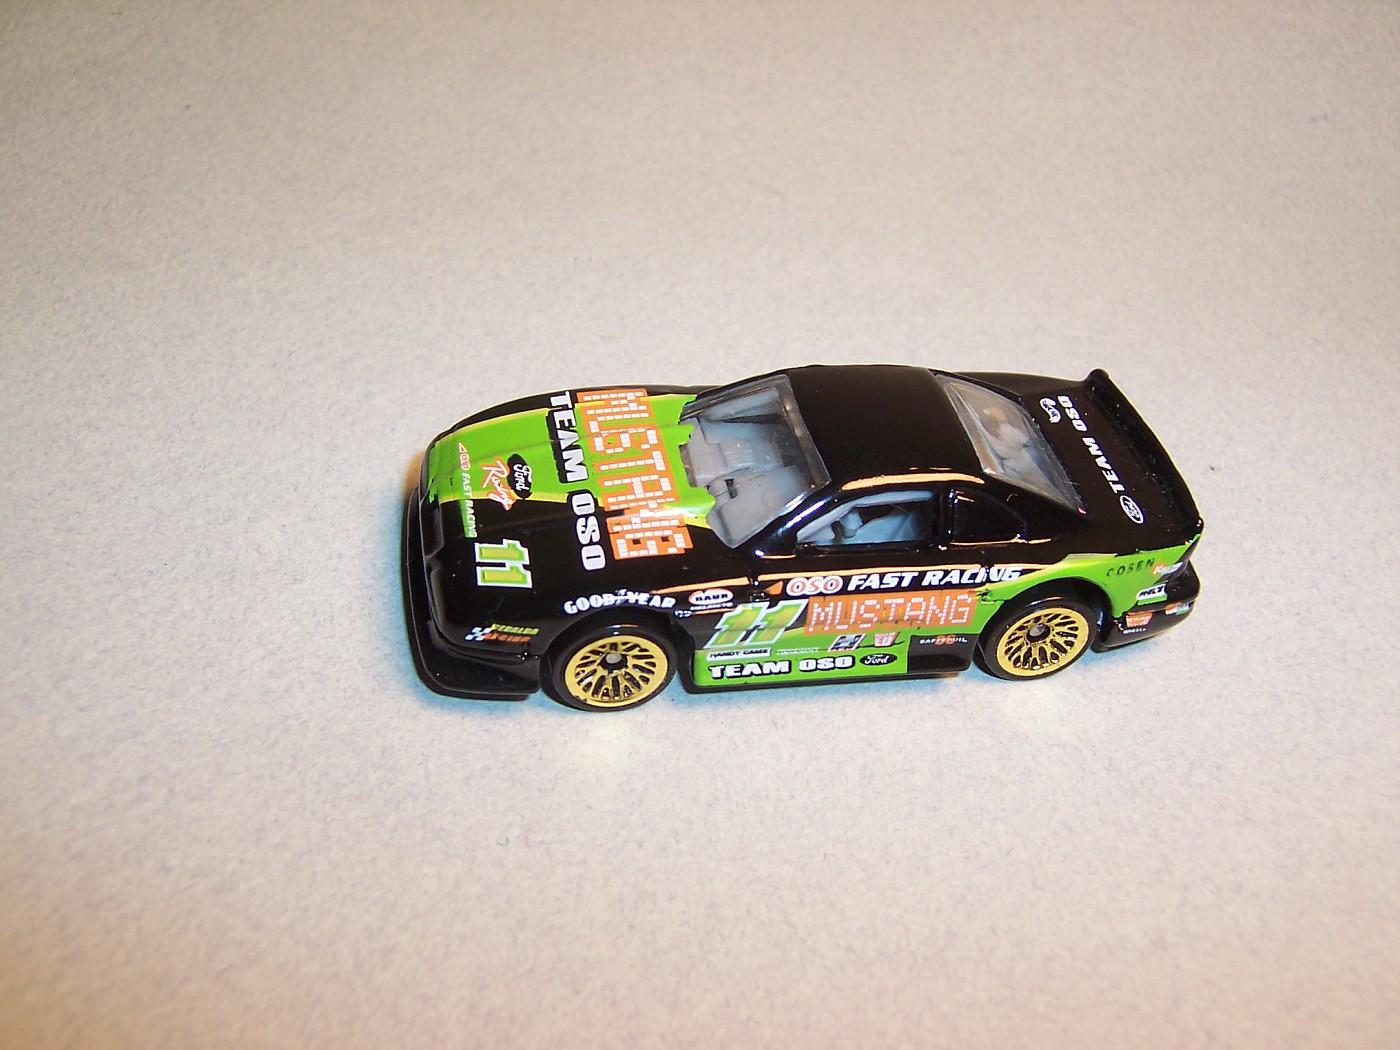 Mustang GT Racer